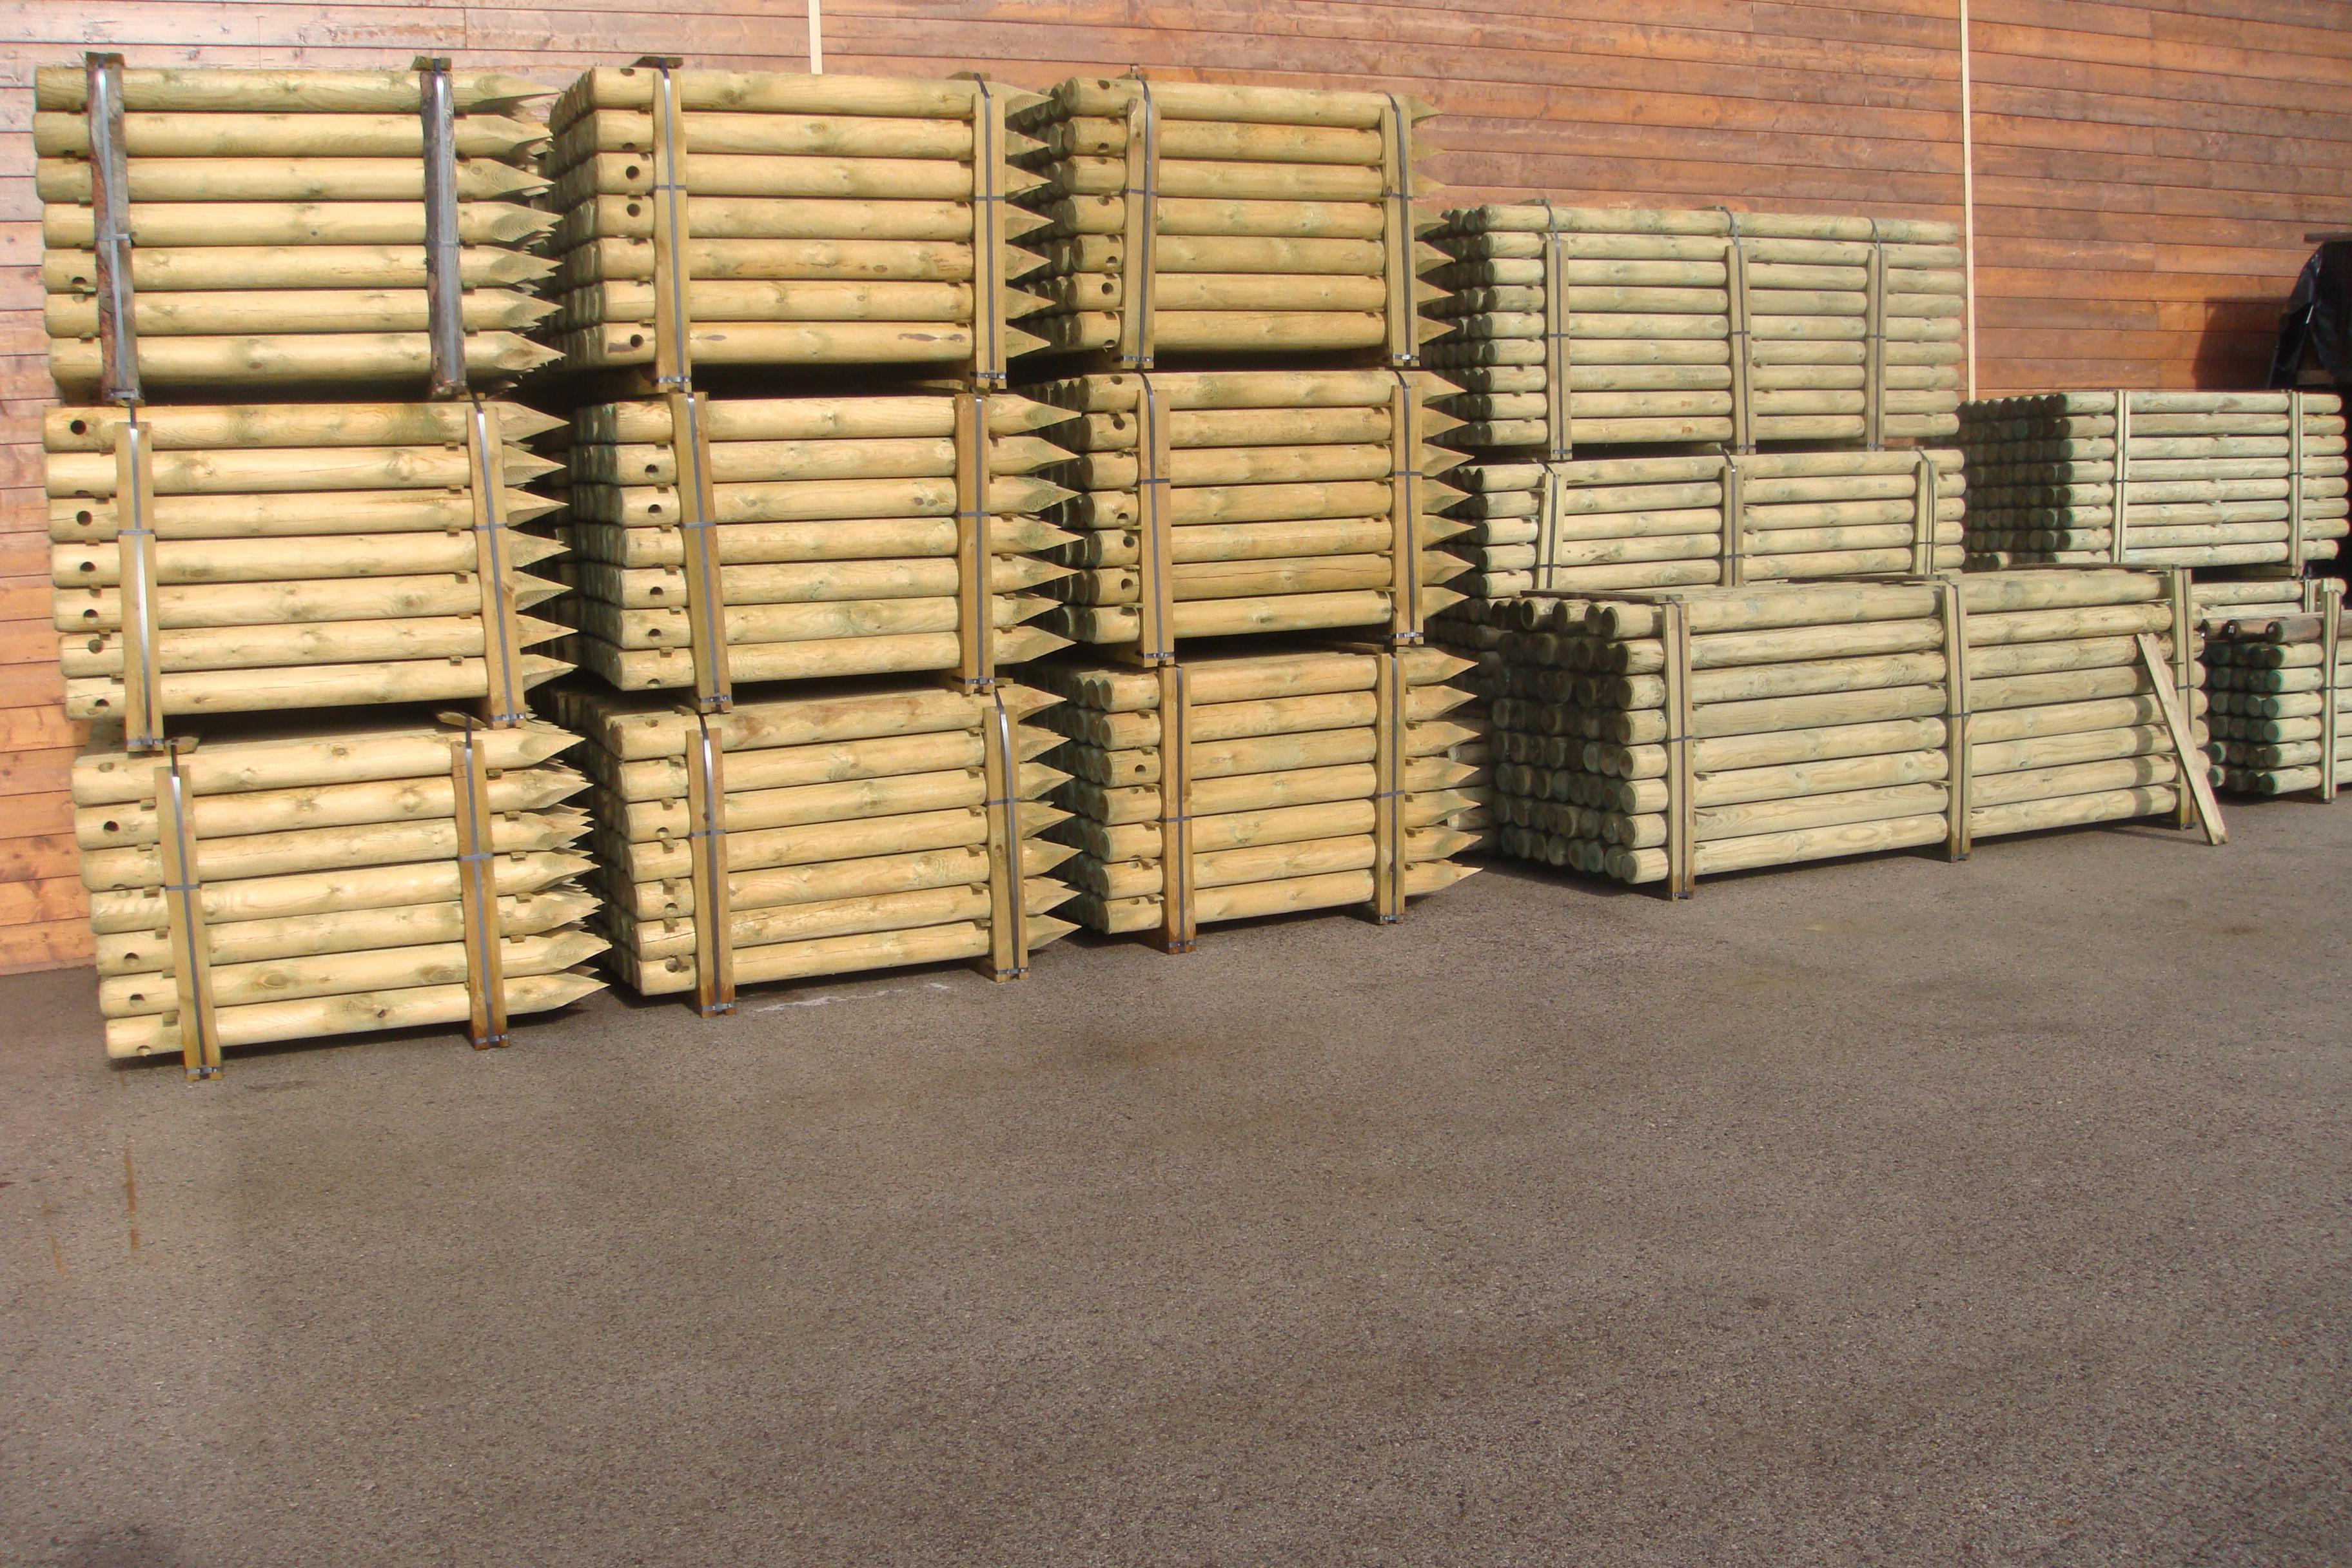 Tratamiento de madera exterior proteccin de la madera - Tratamiento de madera para exterior ...